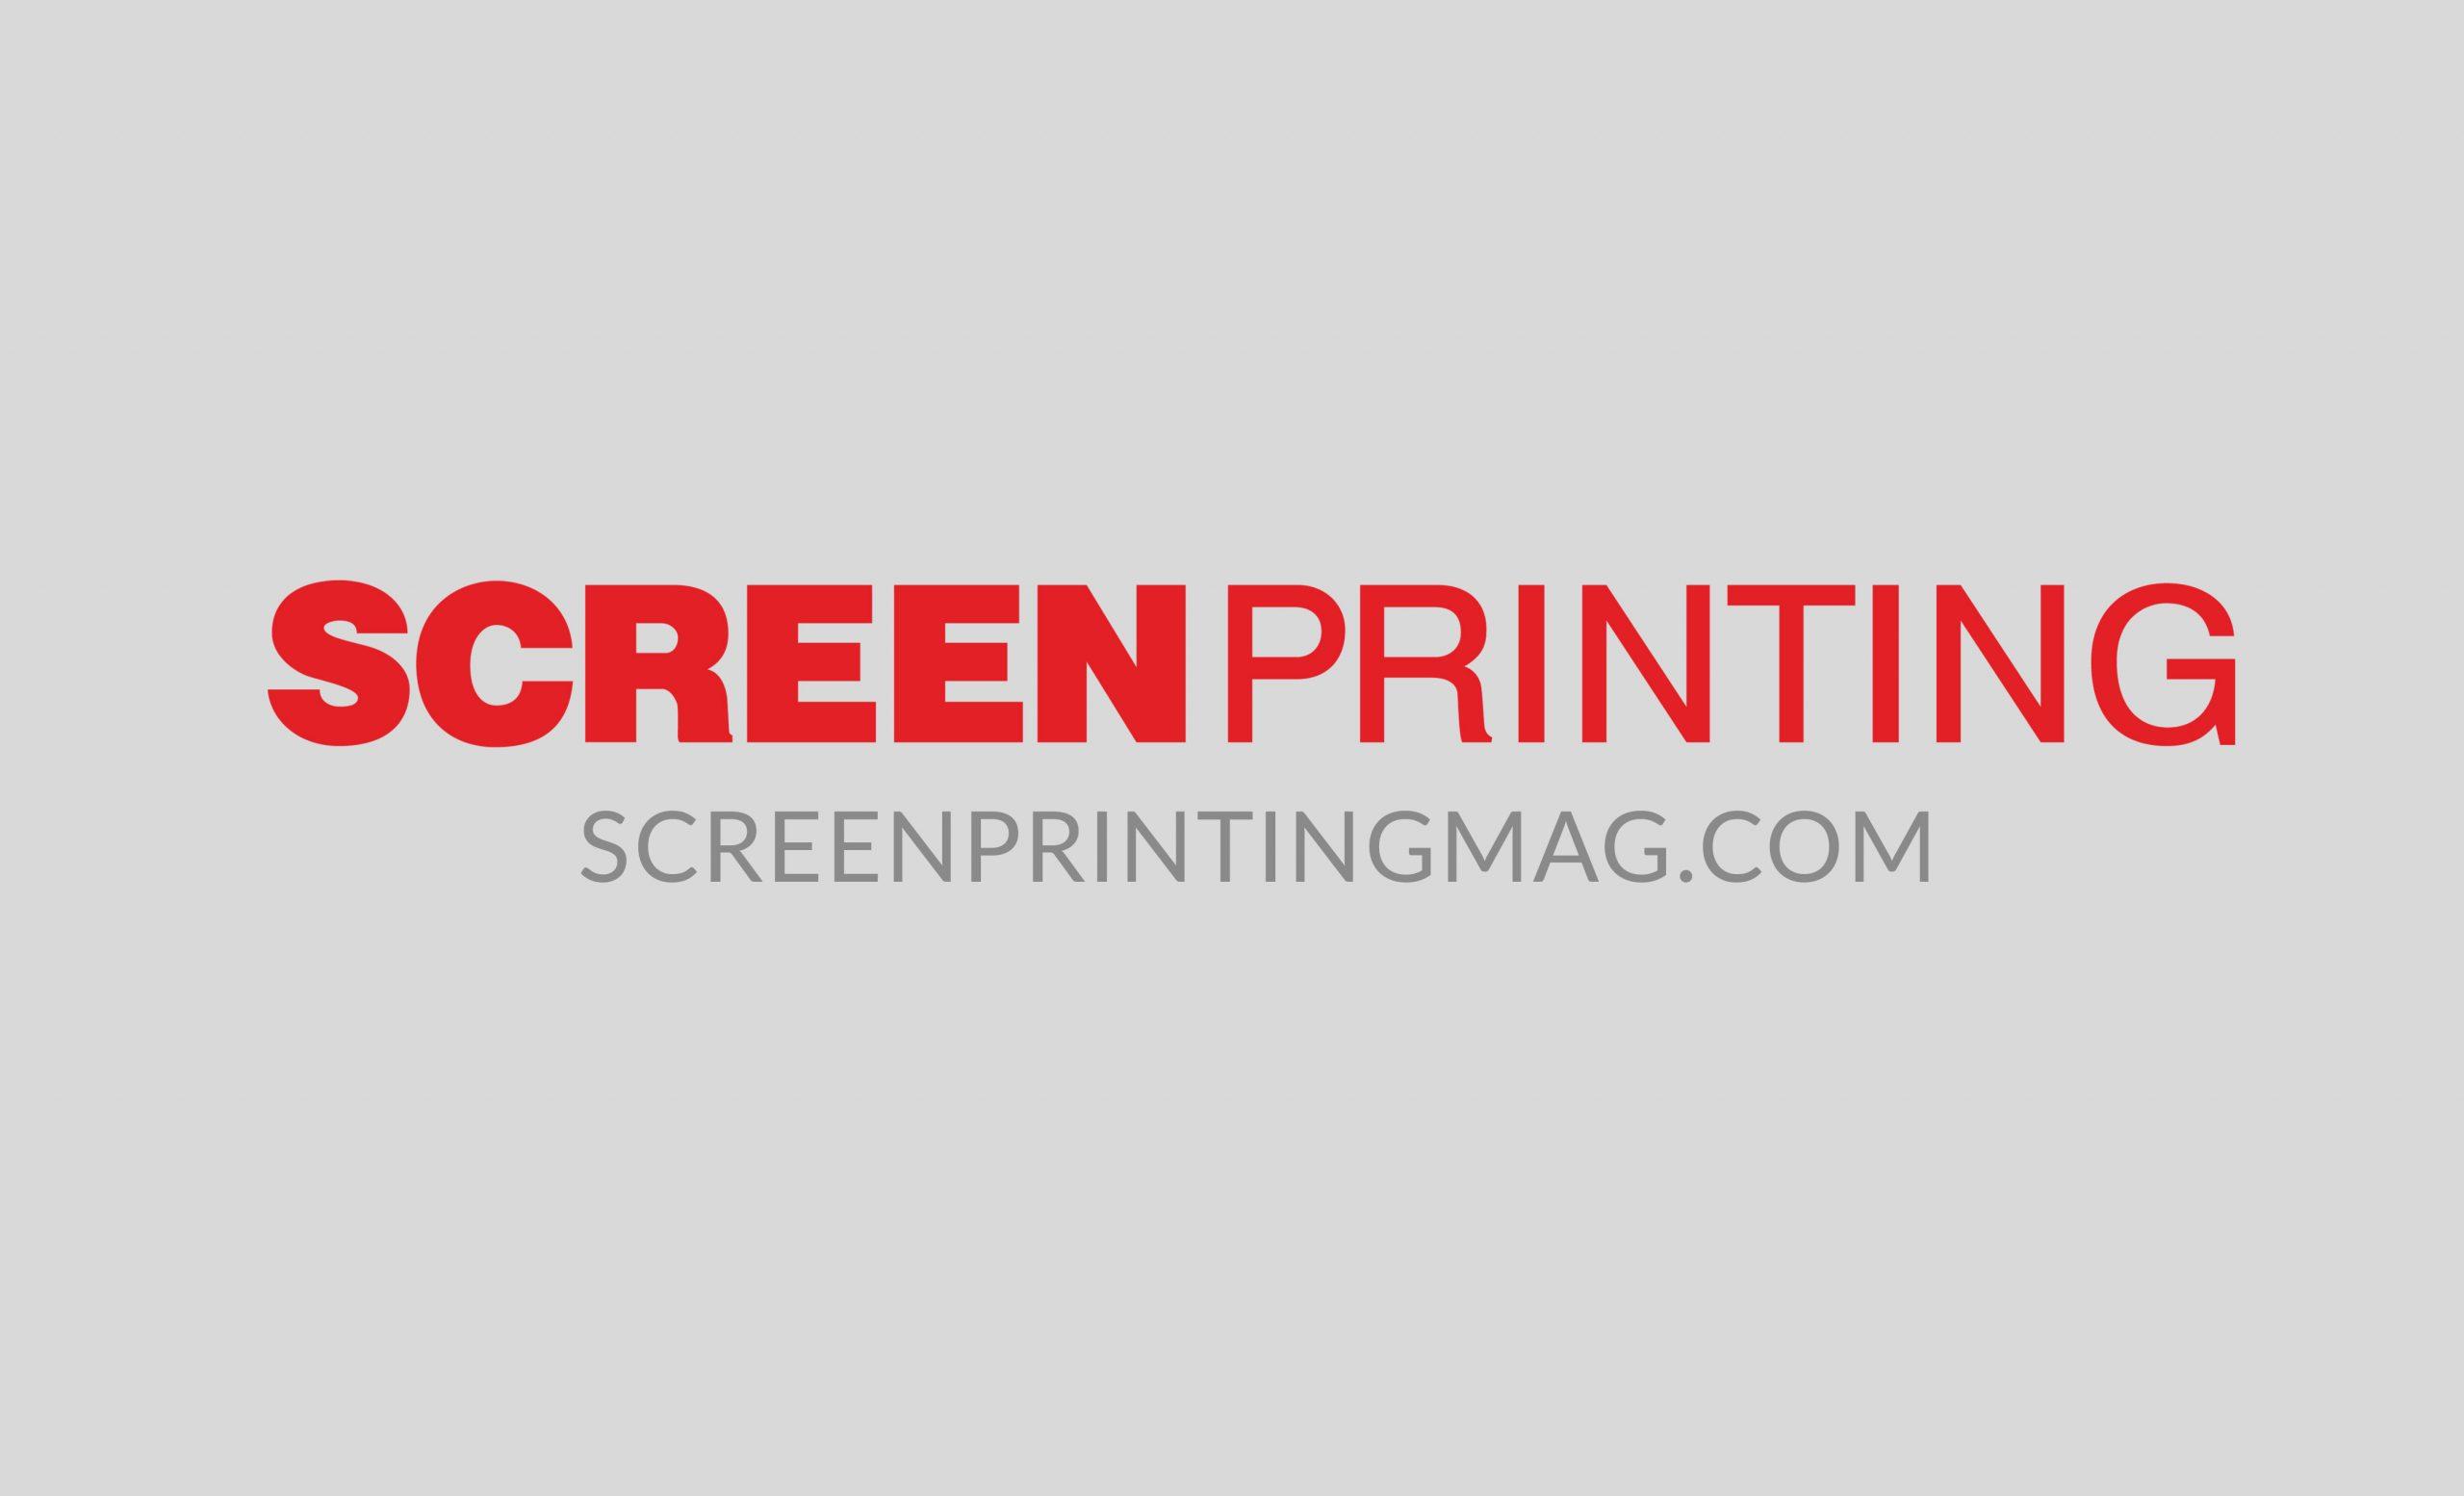 Check Out the Brand-New ScreenPrintingMag.com!